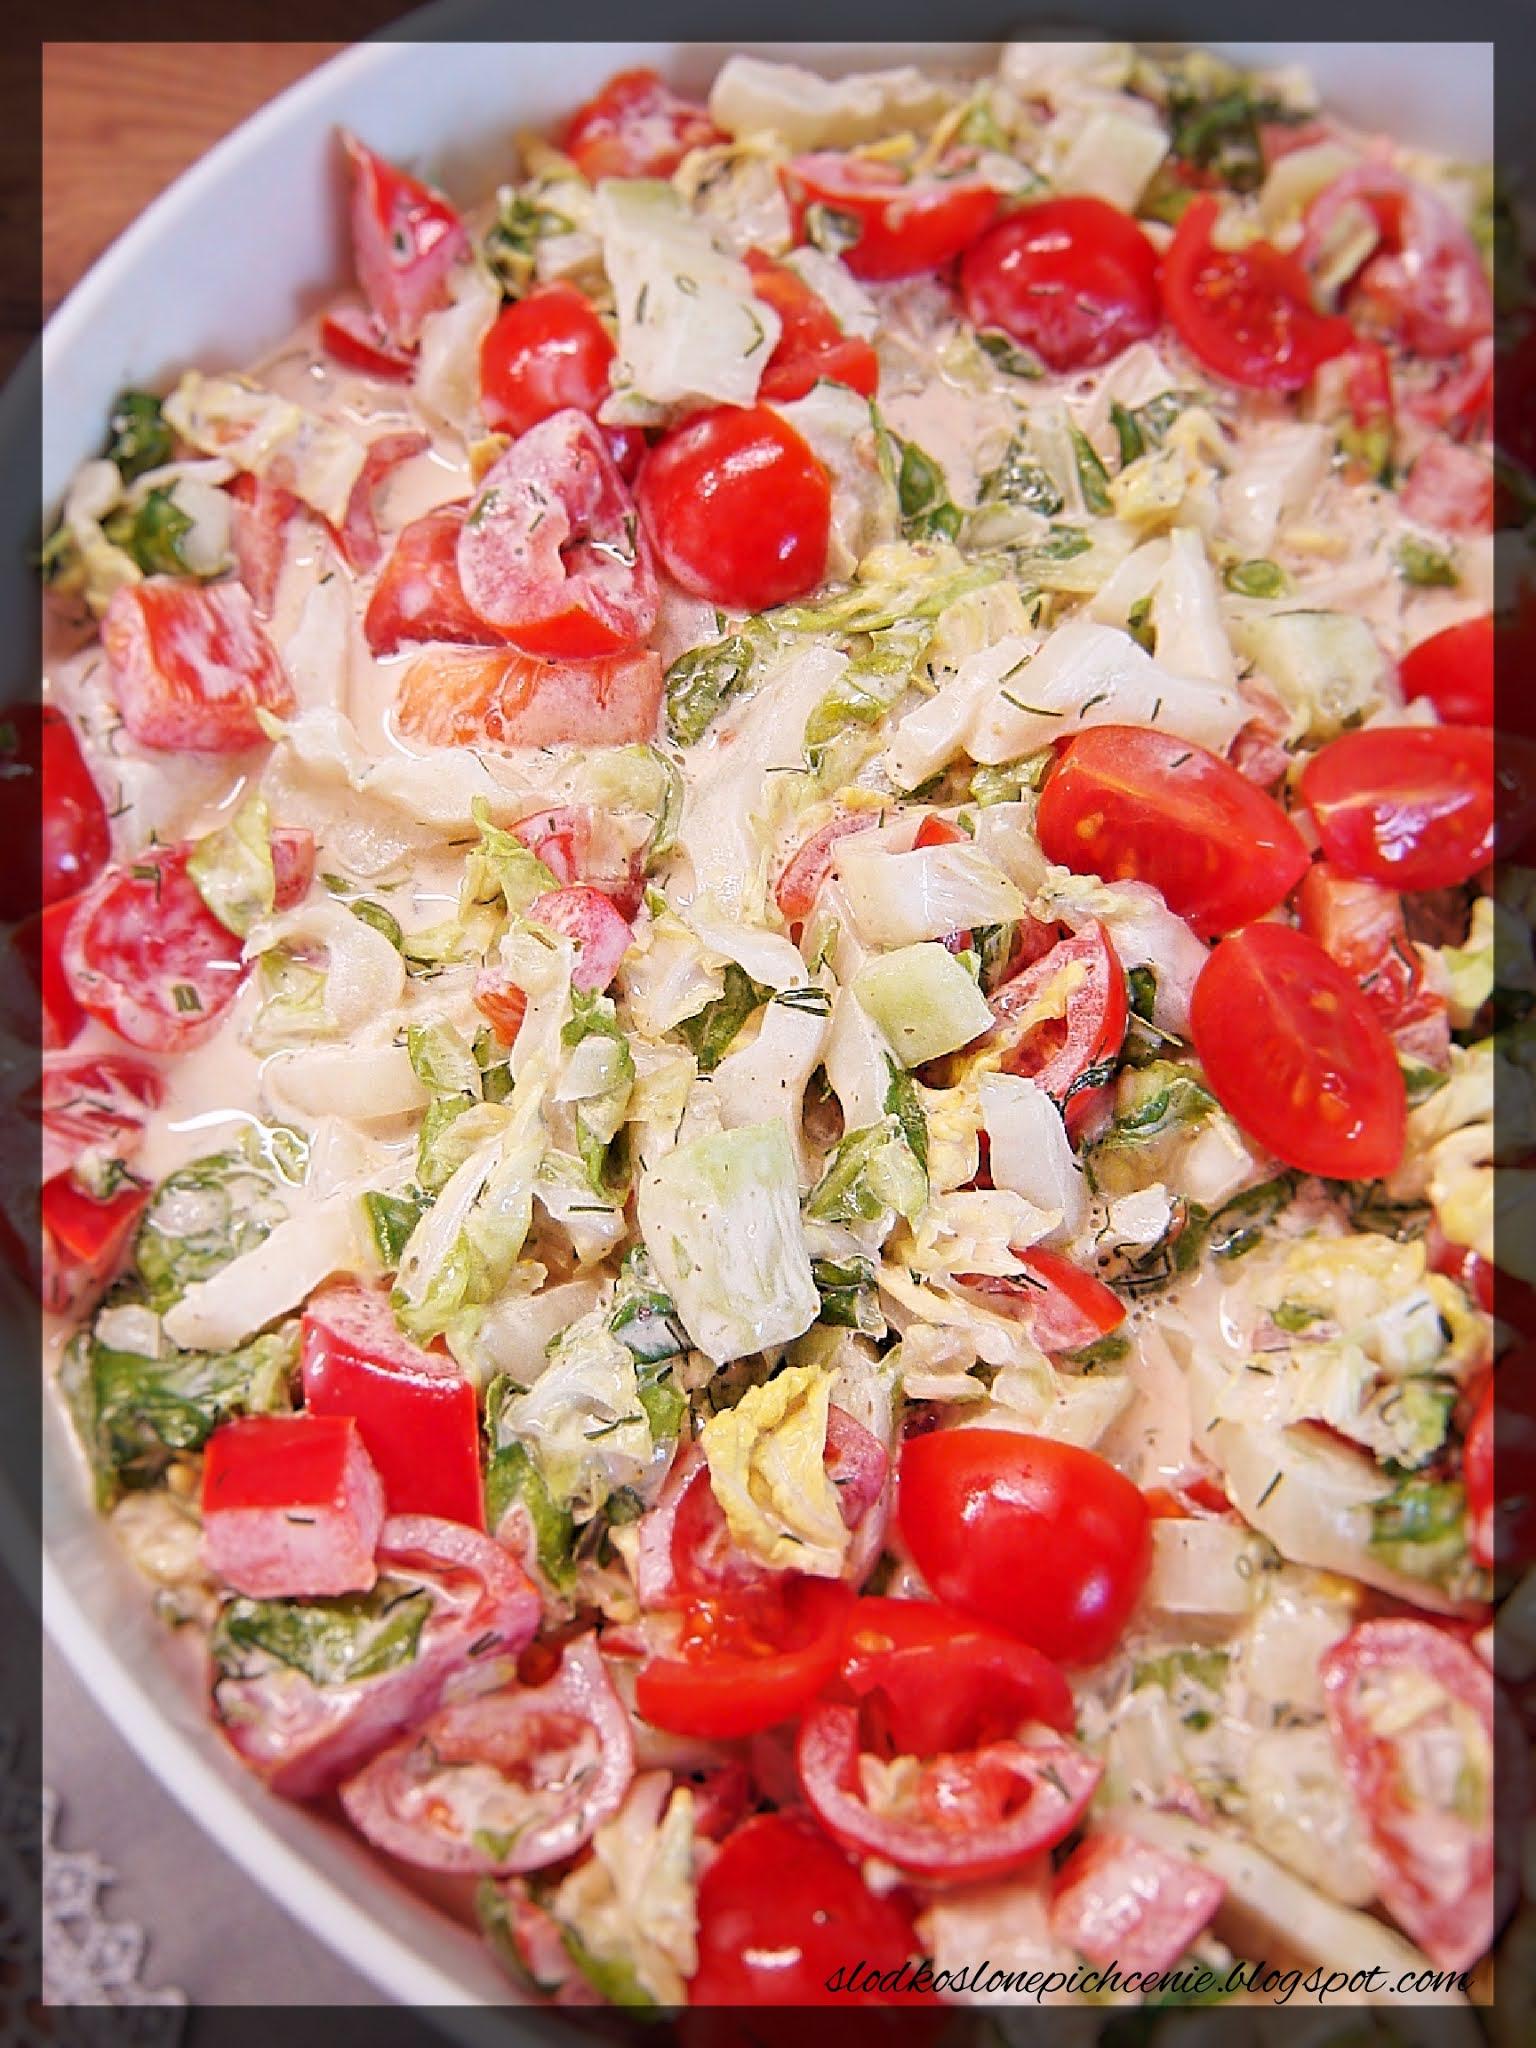 Surówka z kapusty pekińskiej z pomidorkami koktajlowymi